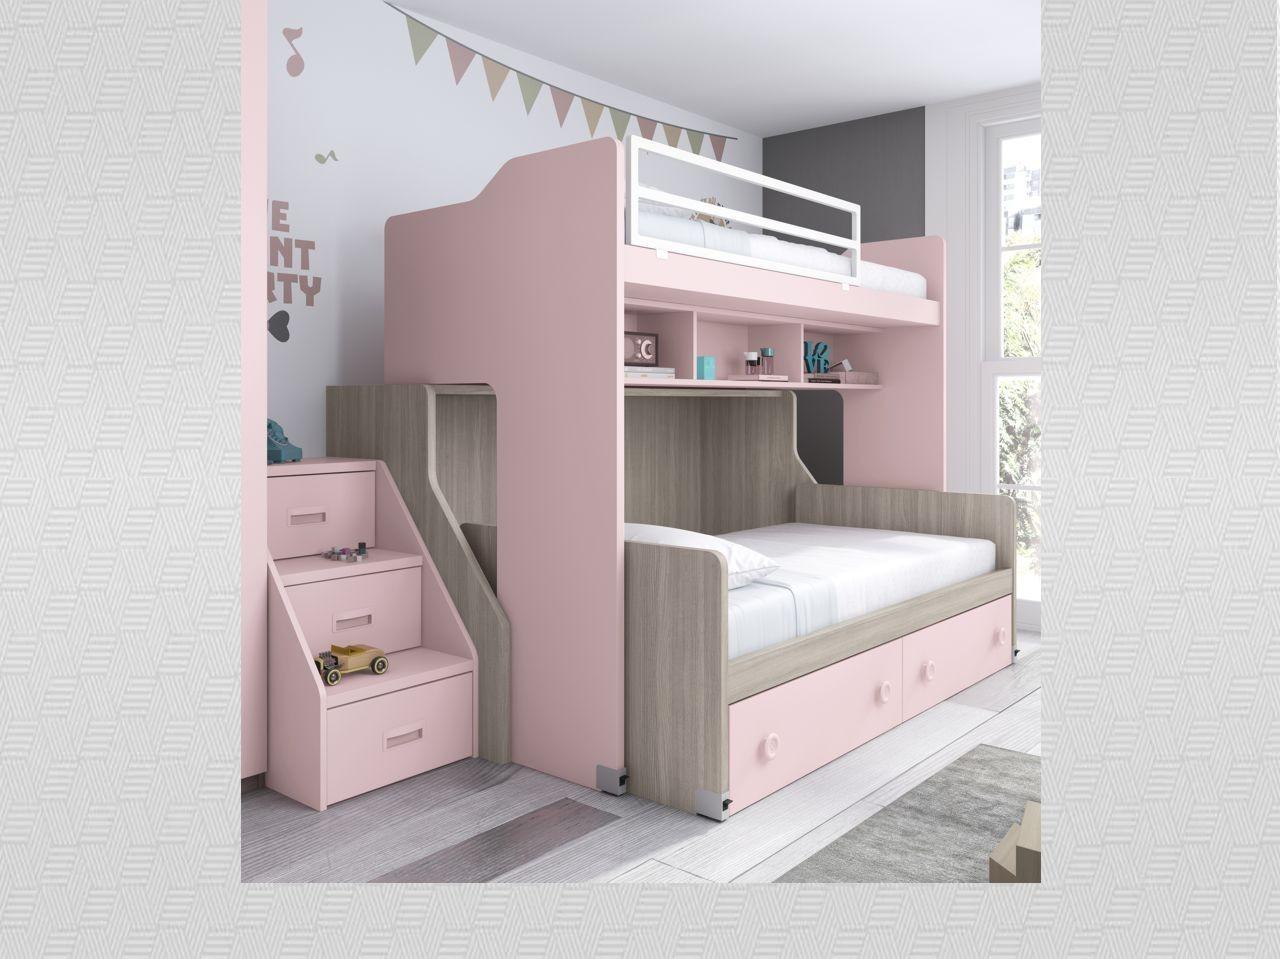 habitacin juvenil con litera roble nrdico y rosa con